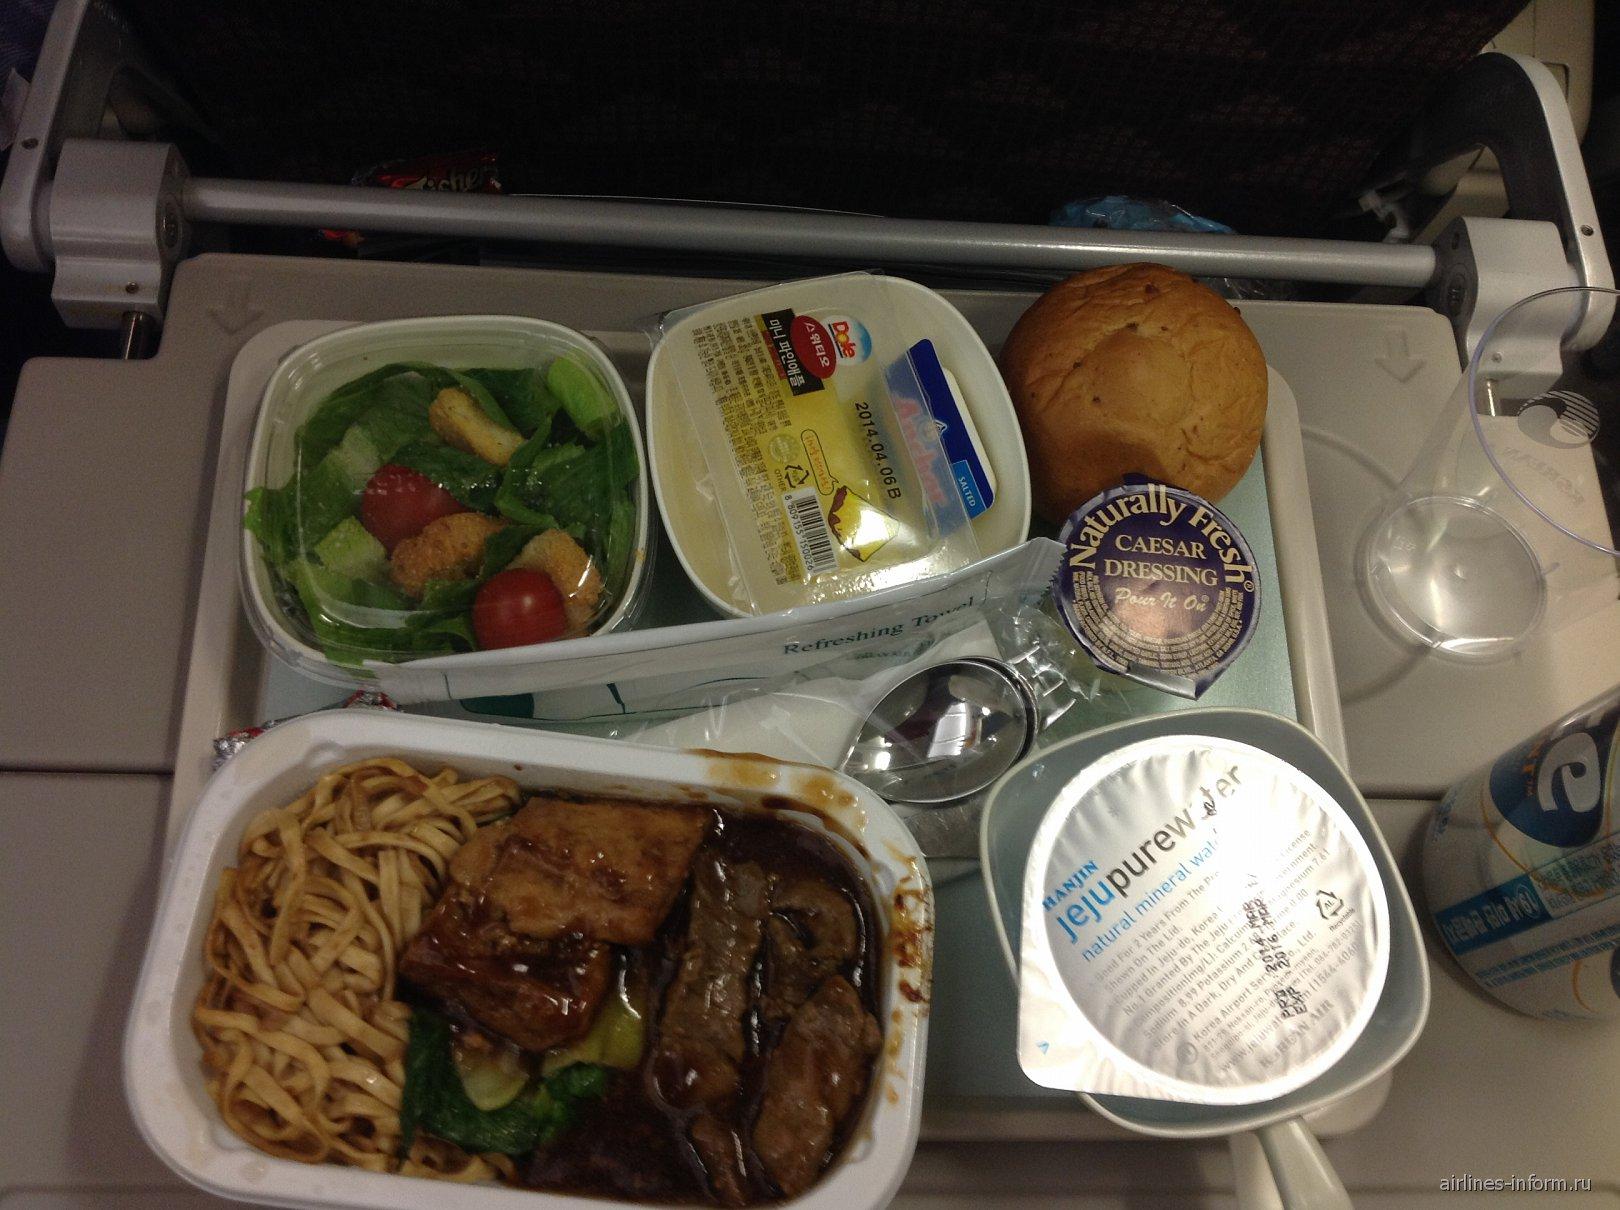 Питание на рейсе Корейских авиалиний Сеул-Ханой